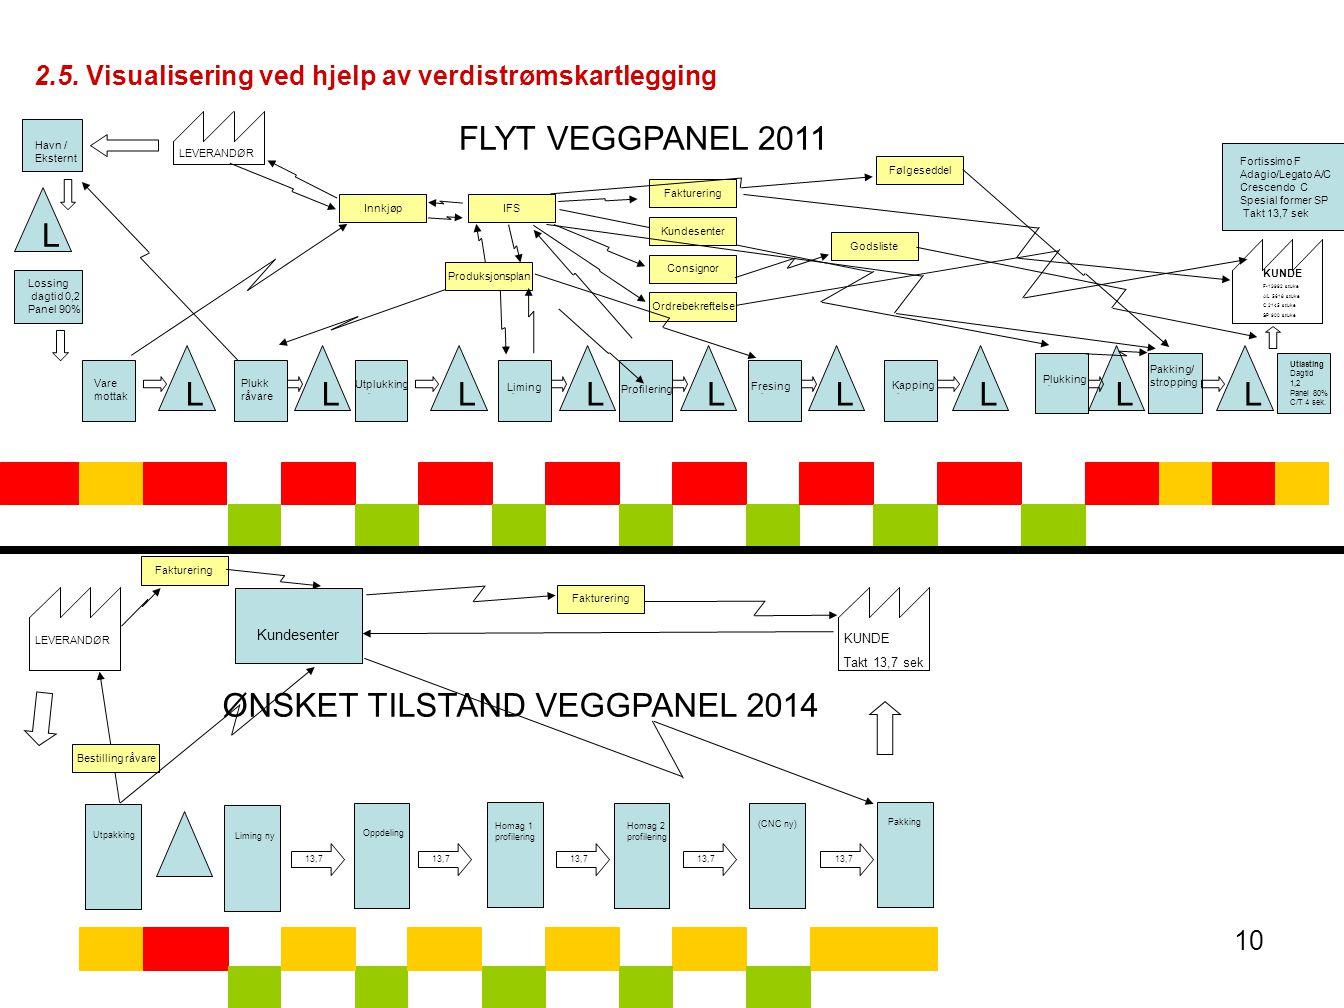 10 IFS Utlasting Dagtid 1,2 Panel 80% C/T 4 sek.